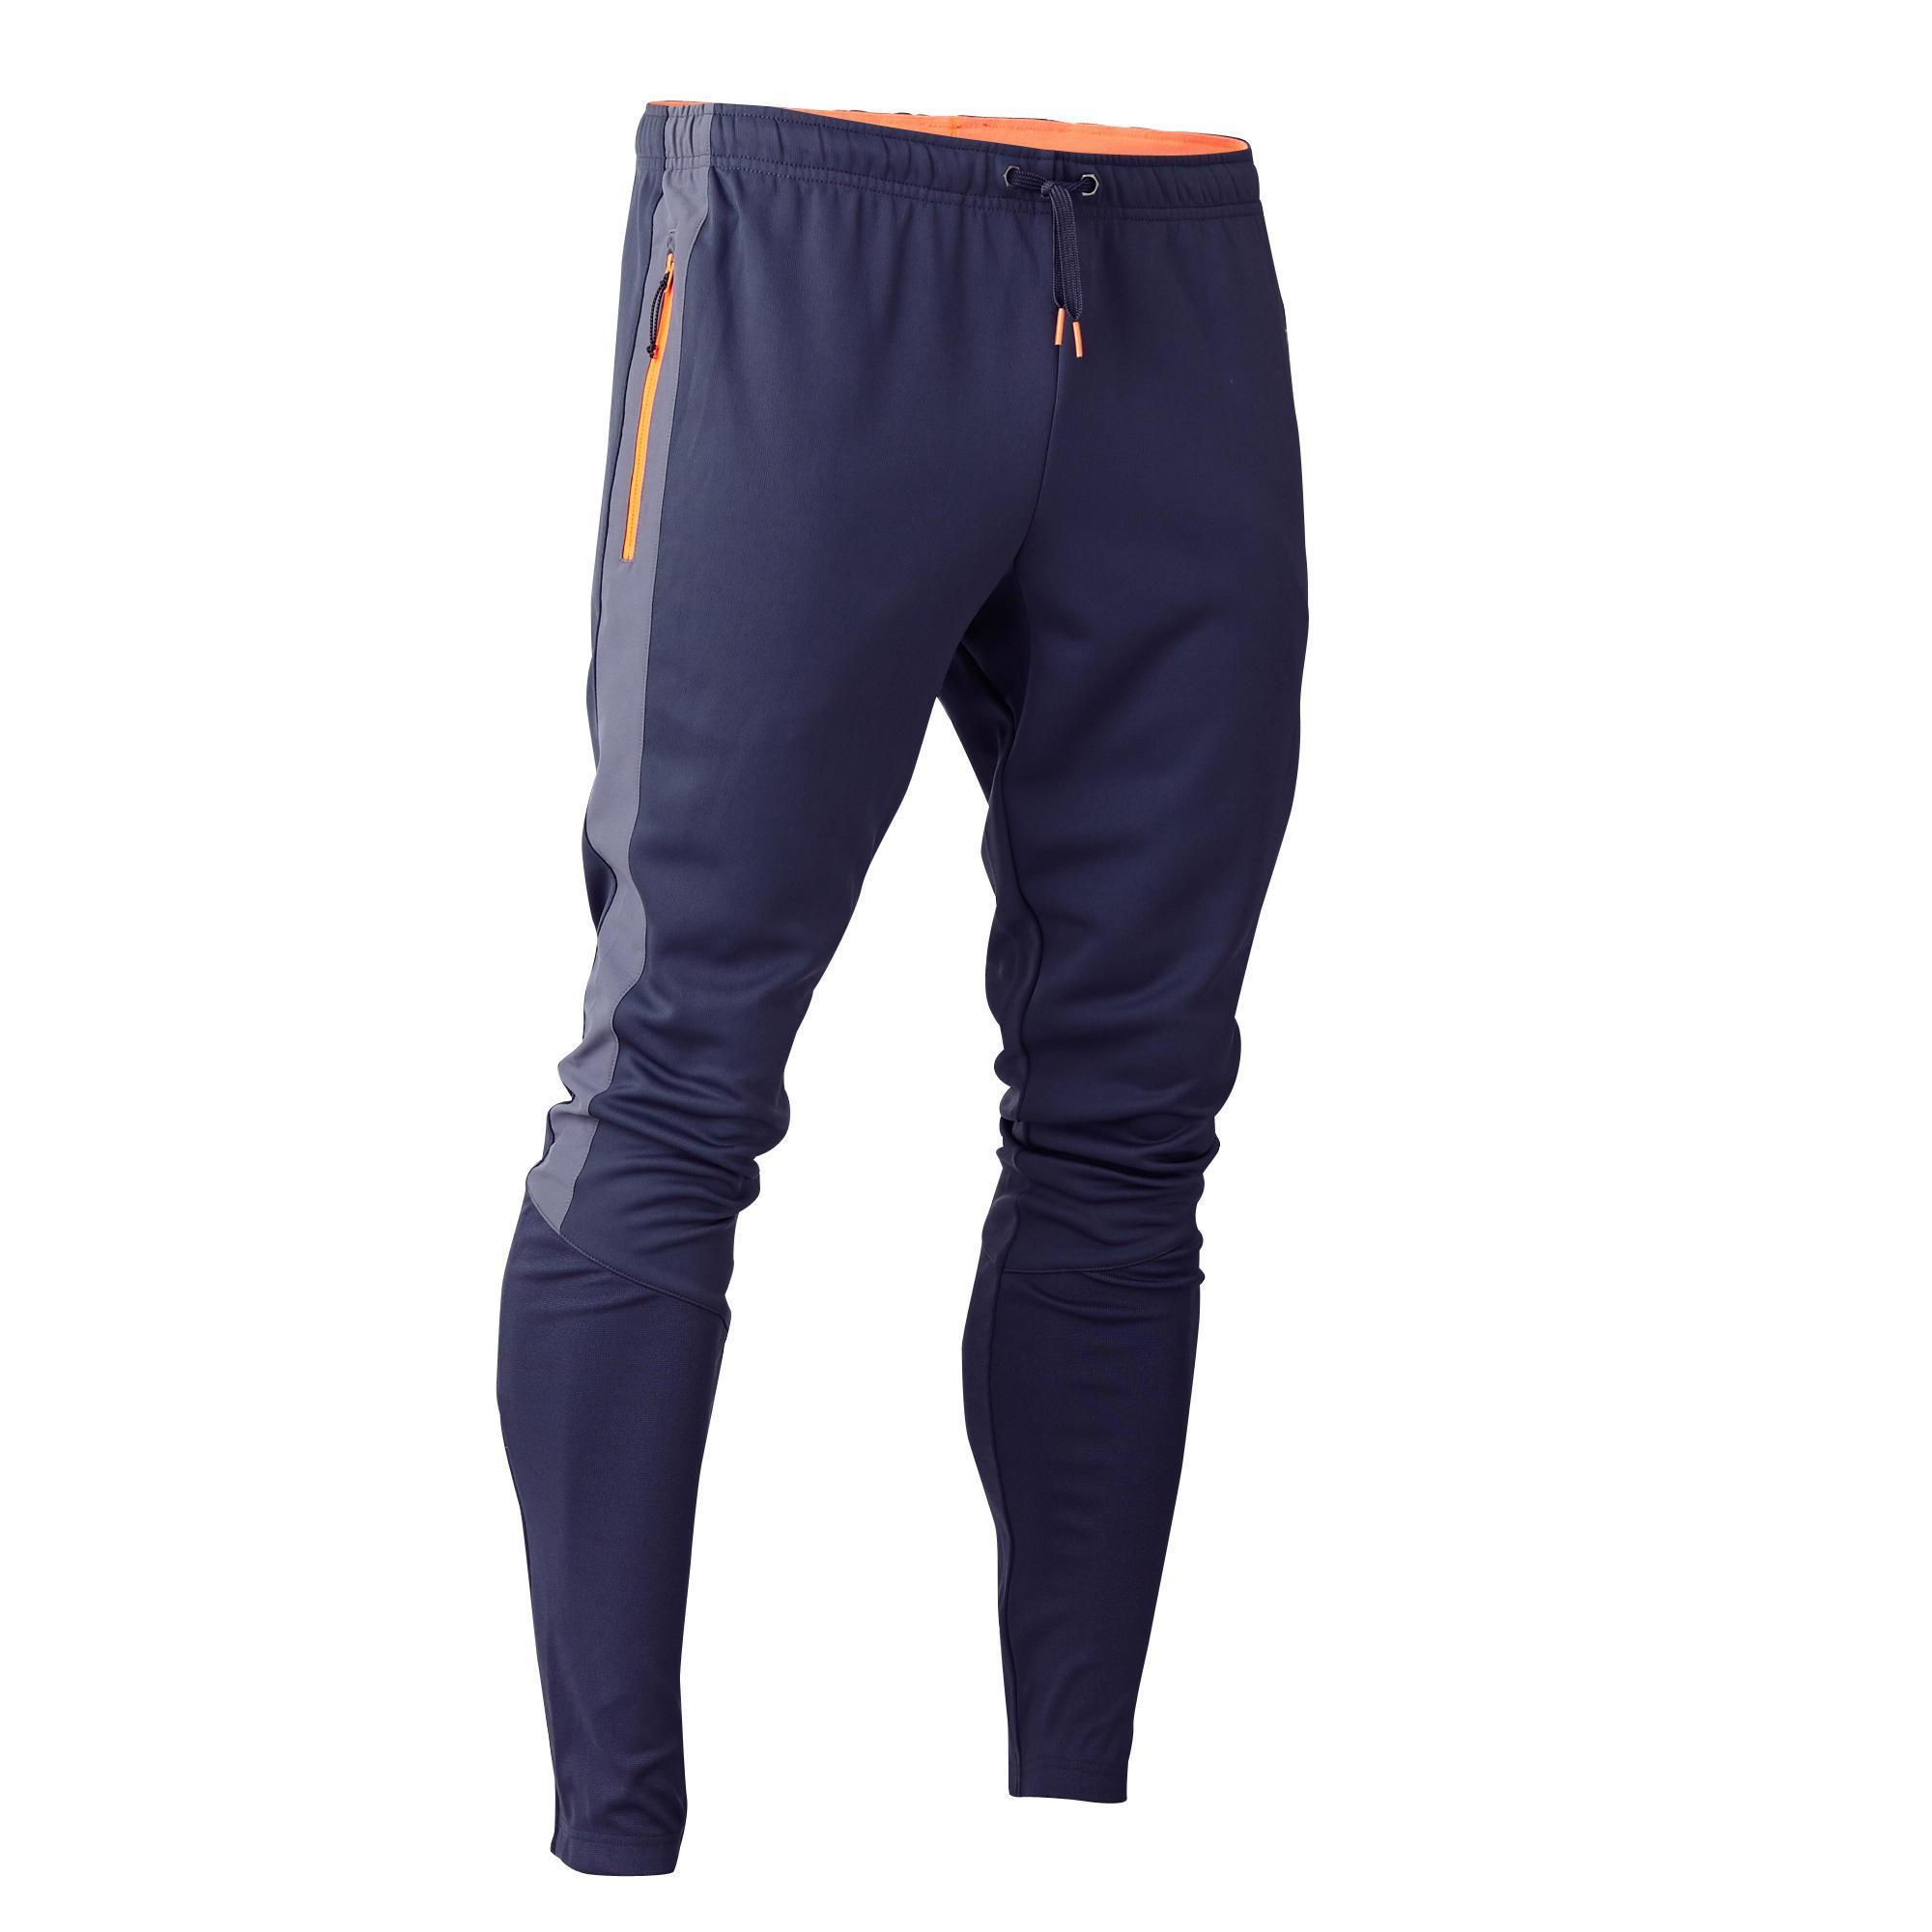 Kipsta Voetbal trainingsbroek T500 voor volwassenen grijs/oranje